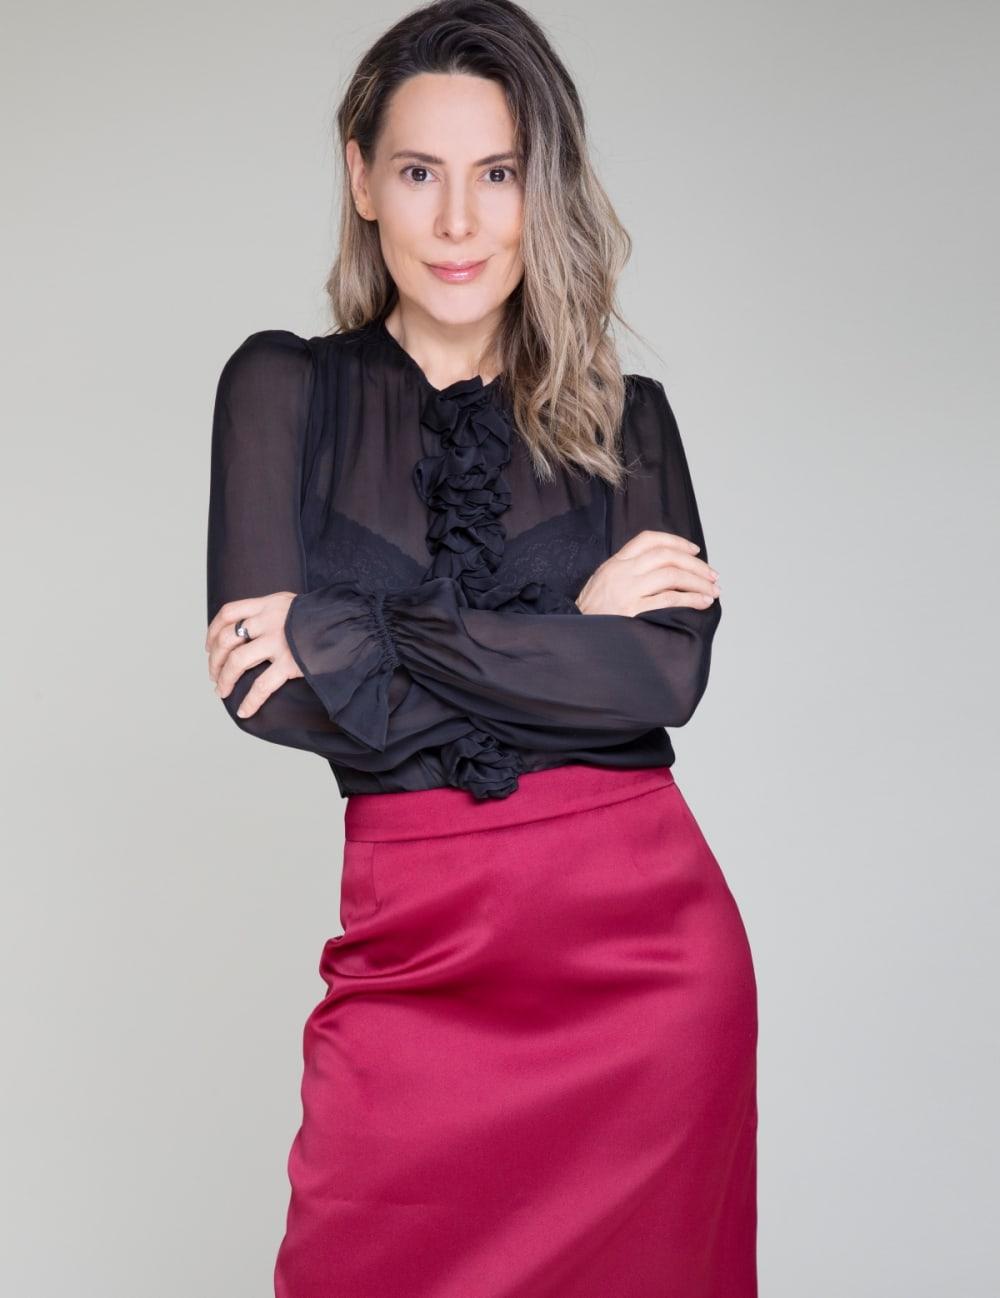 Silvia Olmedo El Juego de las Llaves